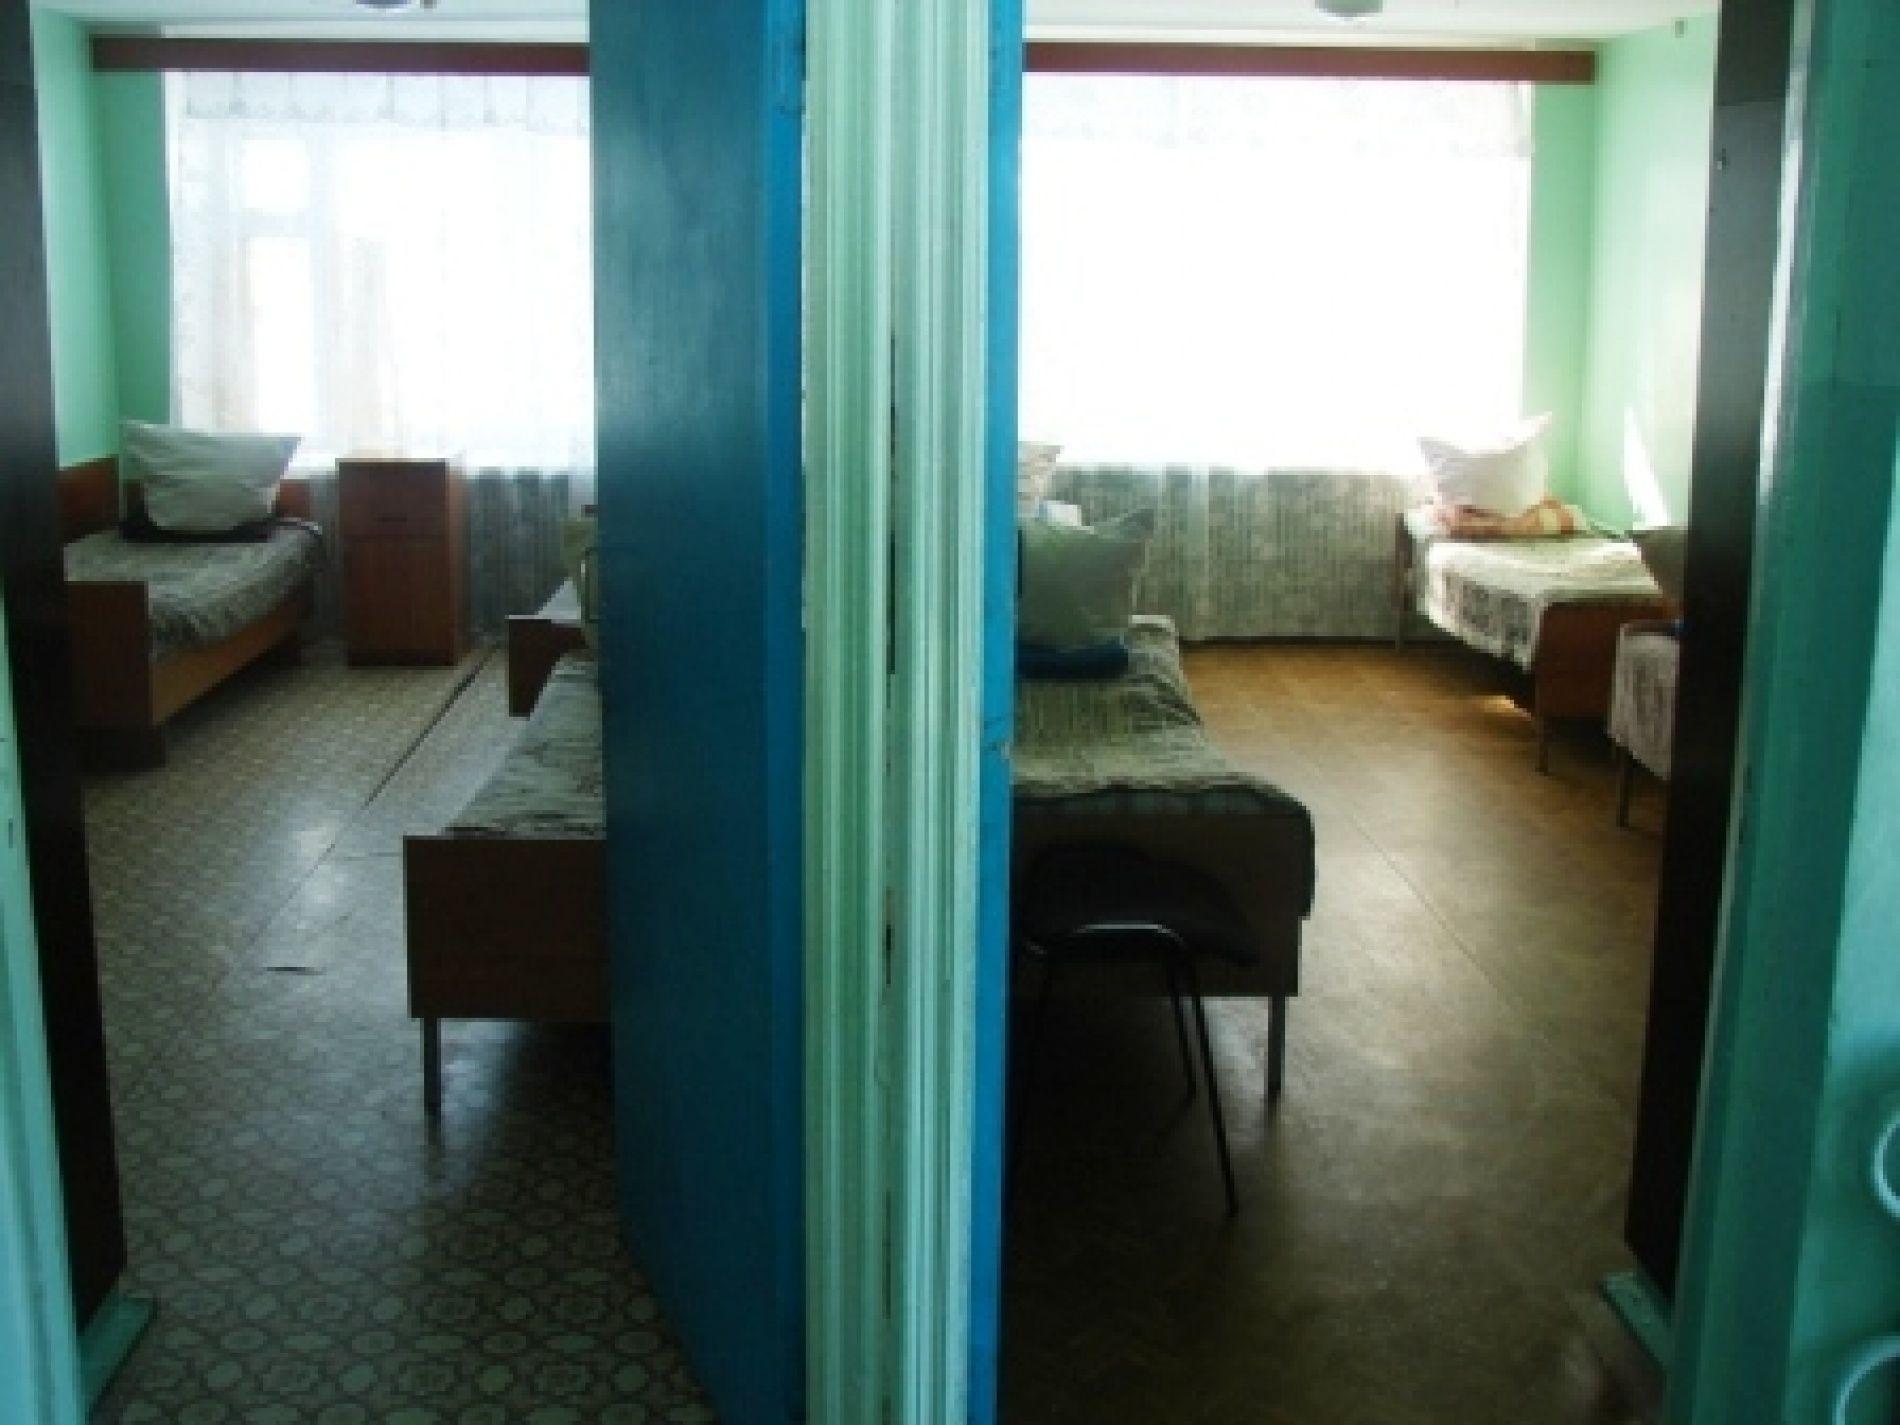 """База отдыха """"Галактика"""" Калужская область 3-местный номер с удобствами на этаже, фото 1"""